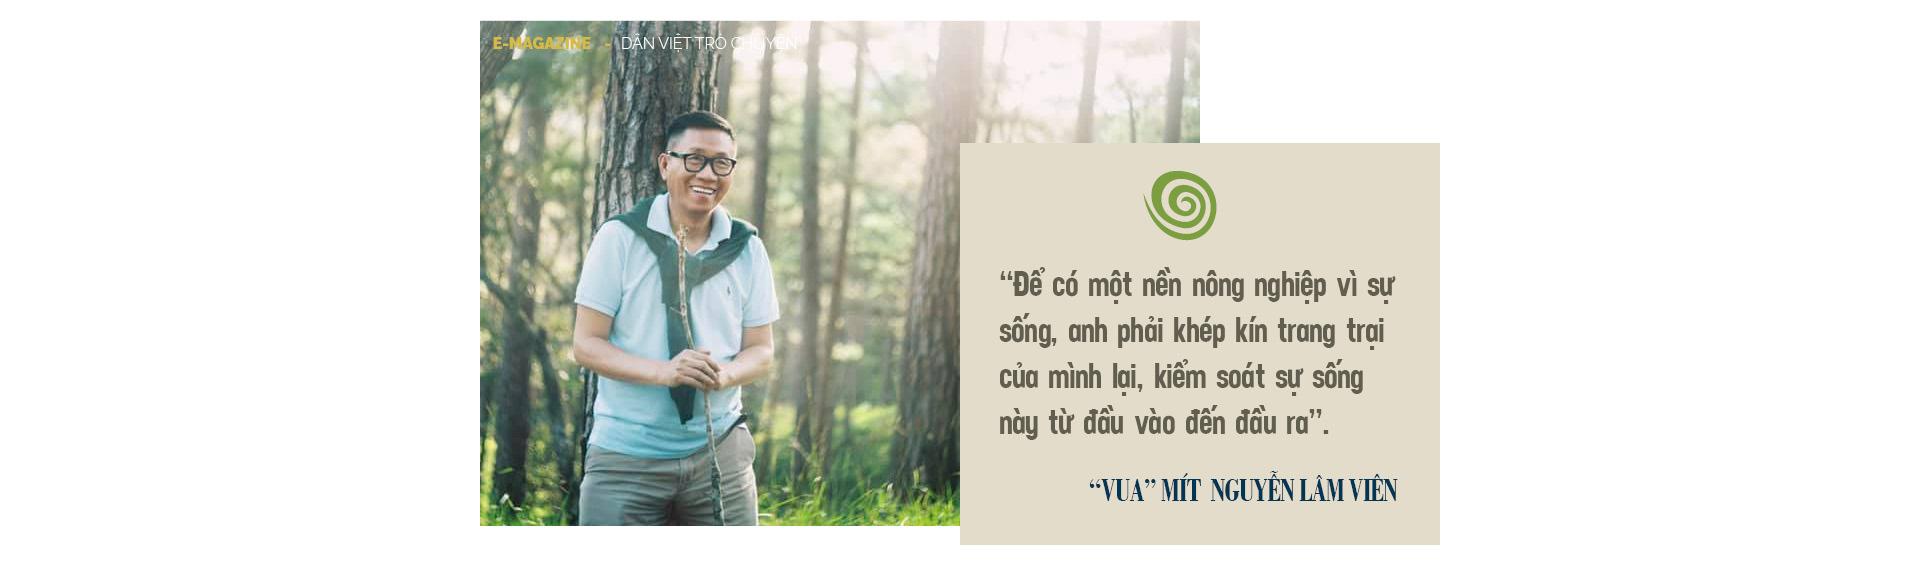 """""""Vua"""" mít  Nguyễn Lâm Viên – người được """"tẩy não"""" để làm nông nghiệp vì sự sống - Ảnh 15."""